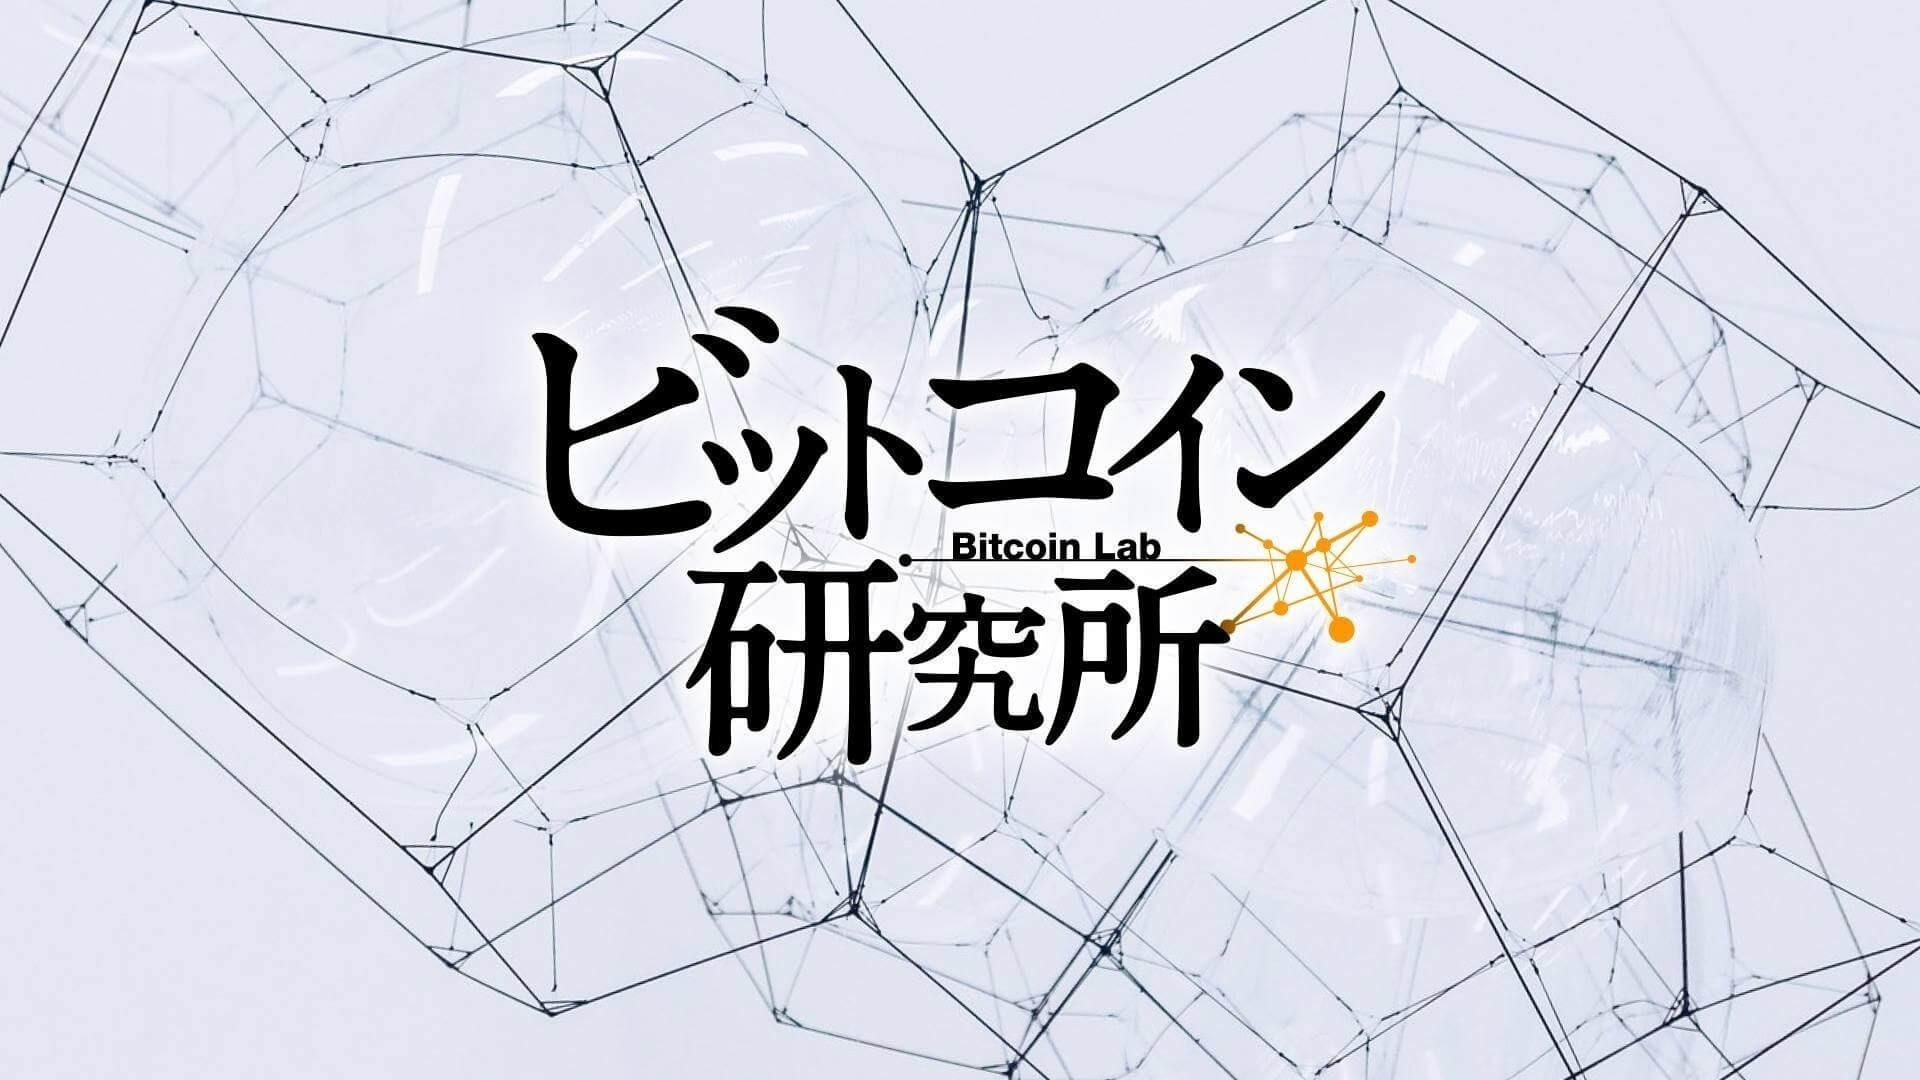 大石哲之、東晃慈 - ビットコイン研究所 - DMM オンラインサロン